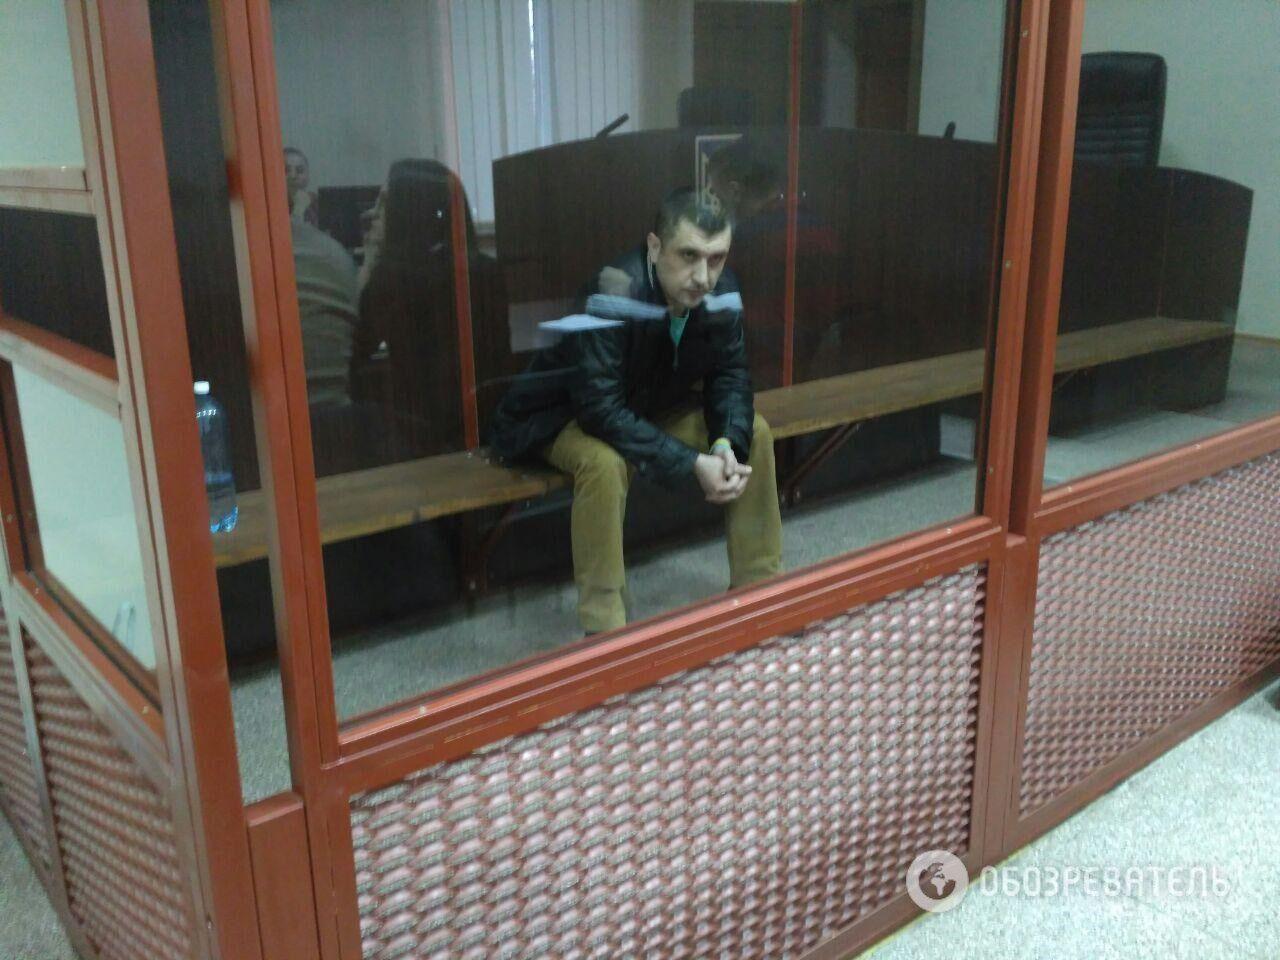 Дмитрий Россошанский во время судебного заседания 27 декабря